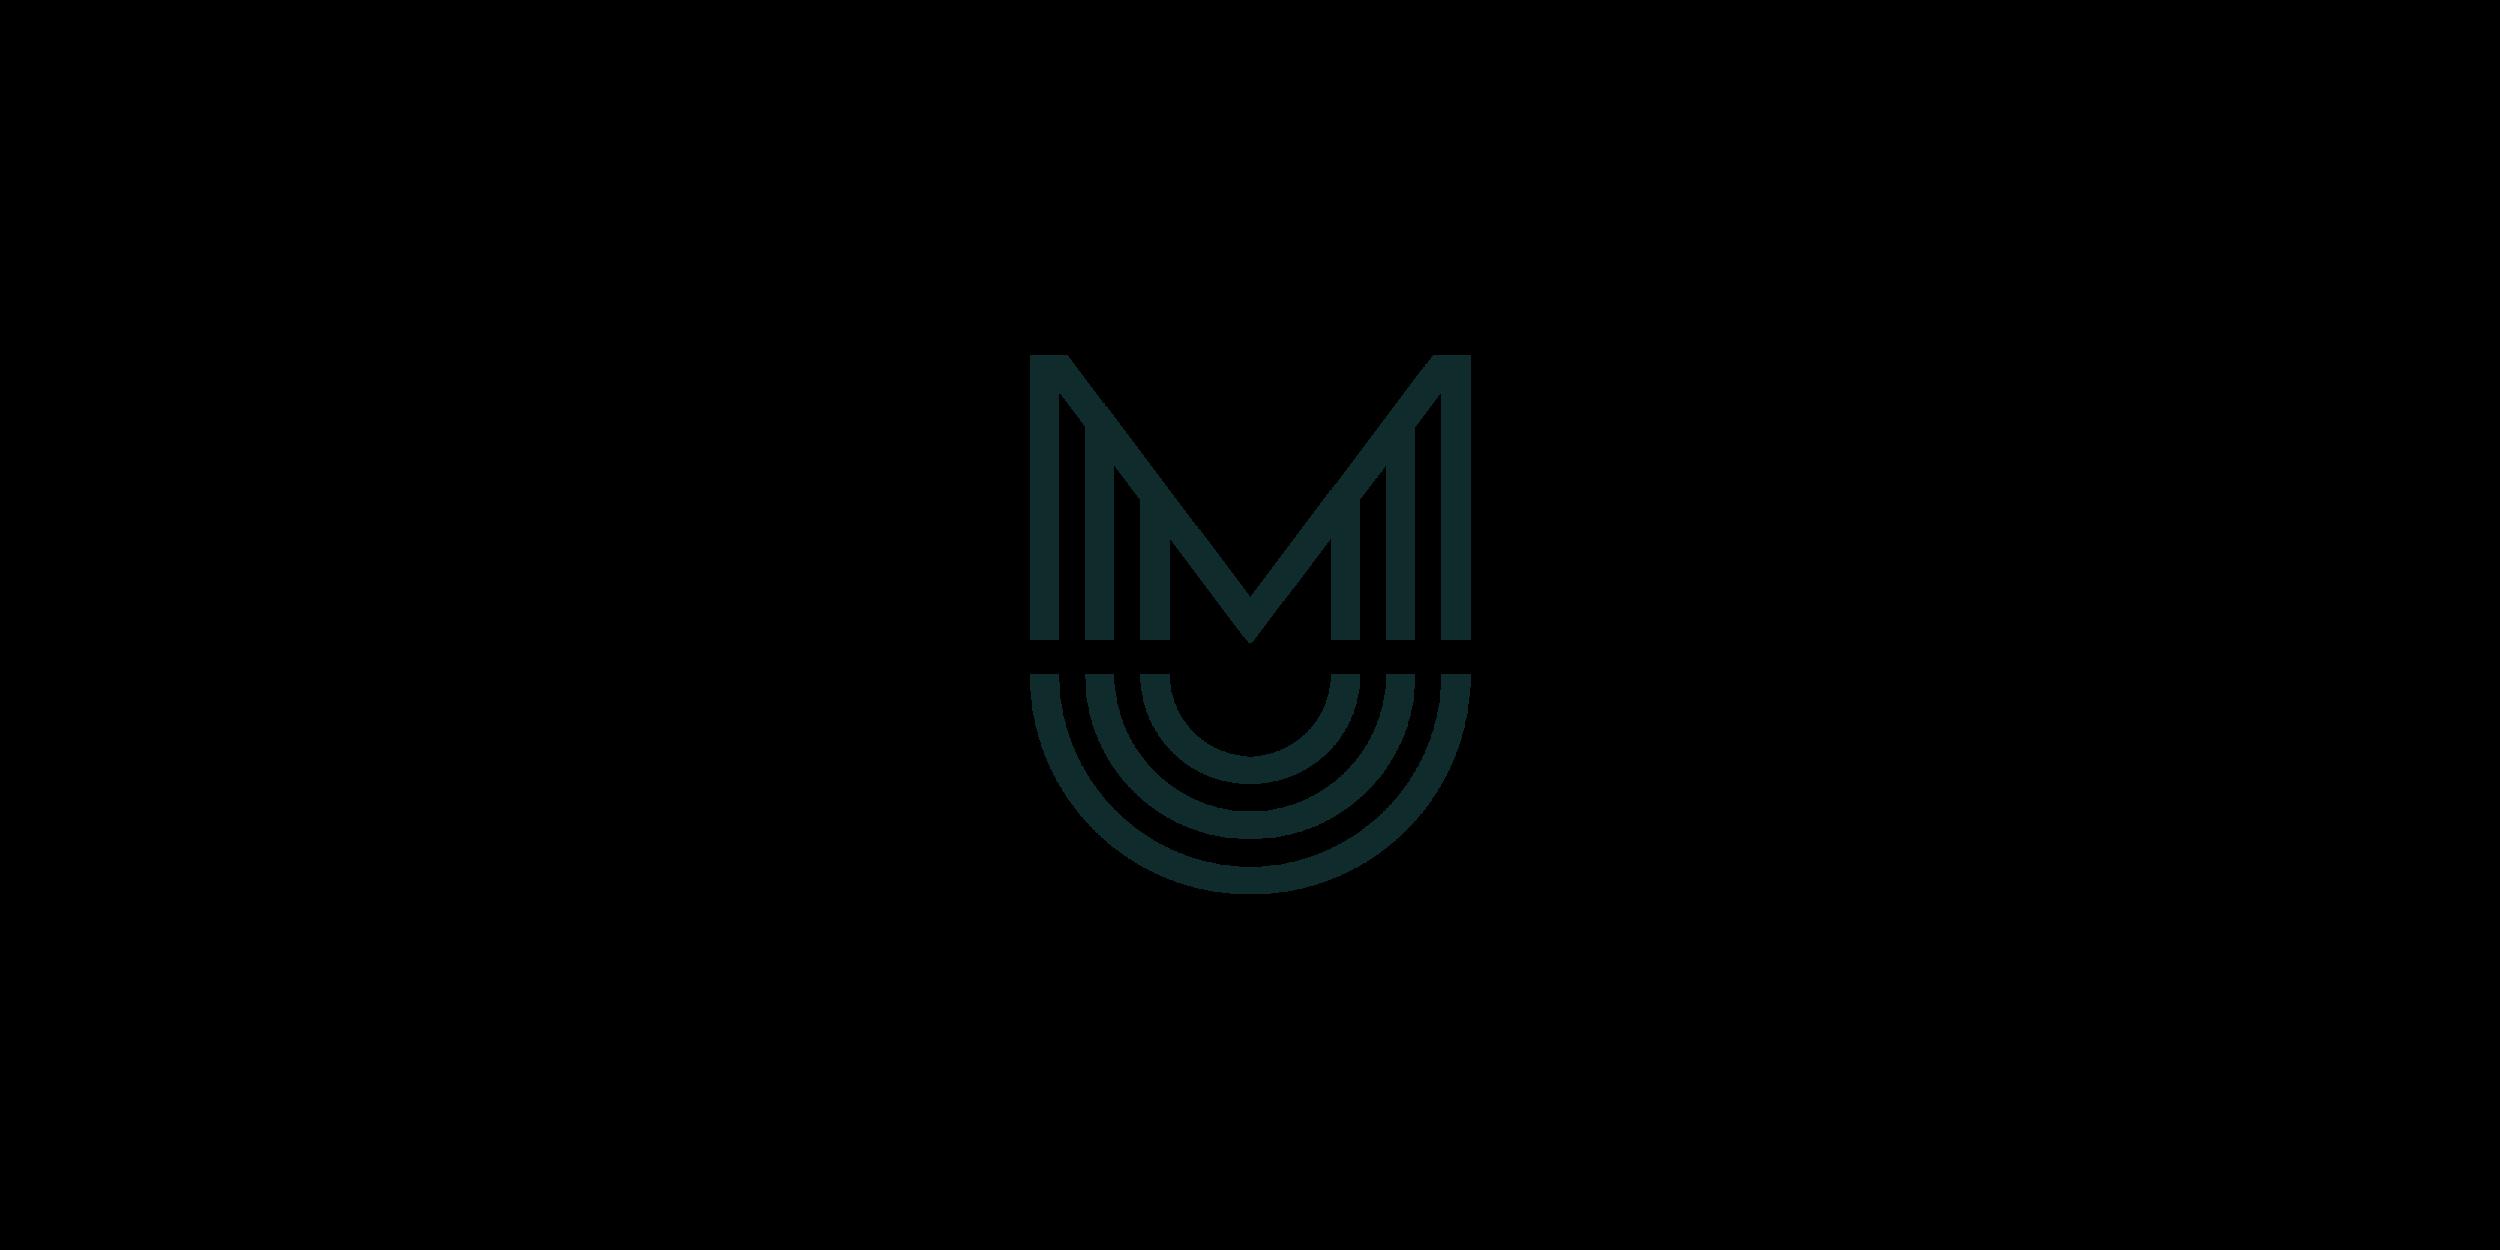 MyBOCA_Logo_Assets_Primary_Logo_Primary_Mongoram_Slate.png